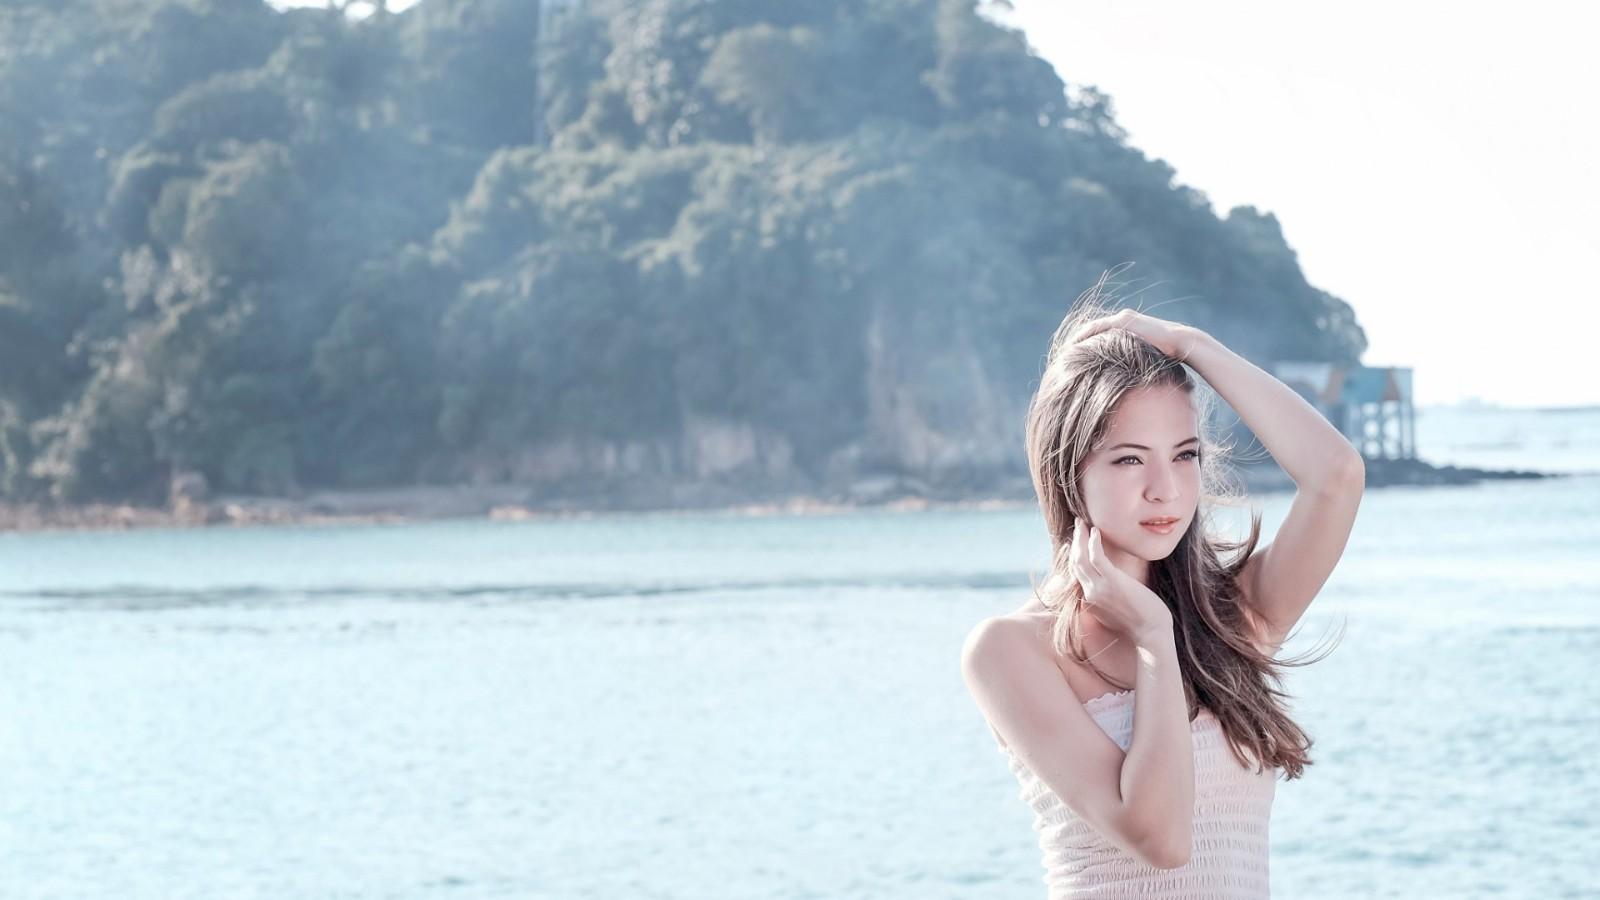 漂亮女孩,海边风景,长头发,美丽的眼睛,姿势,美女壁纸